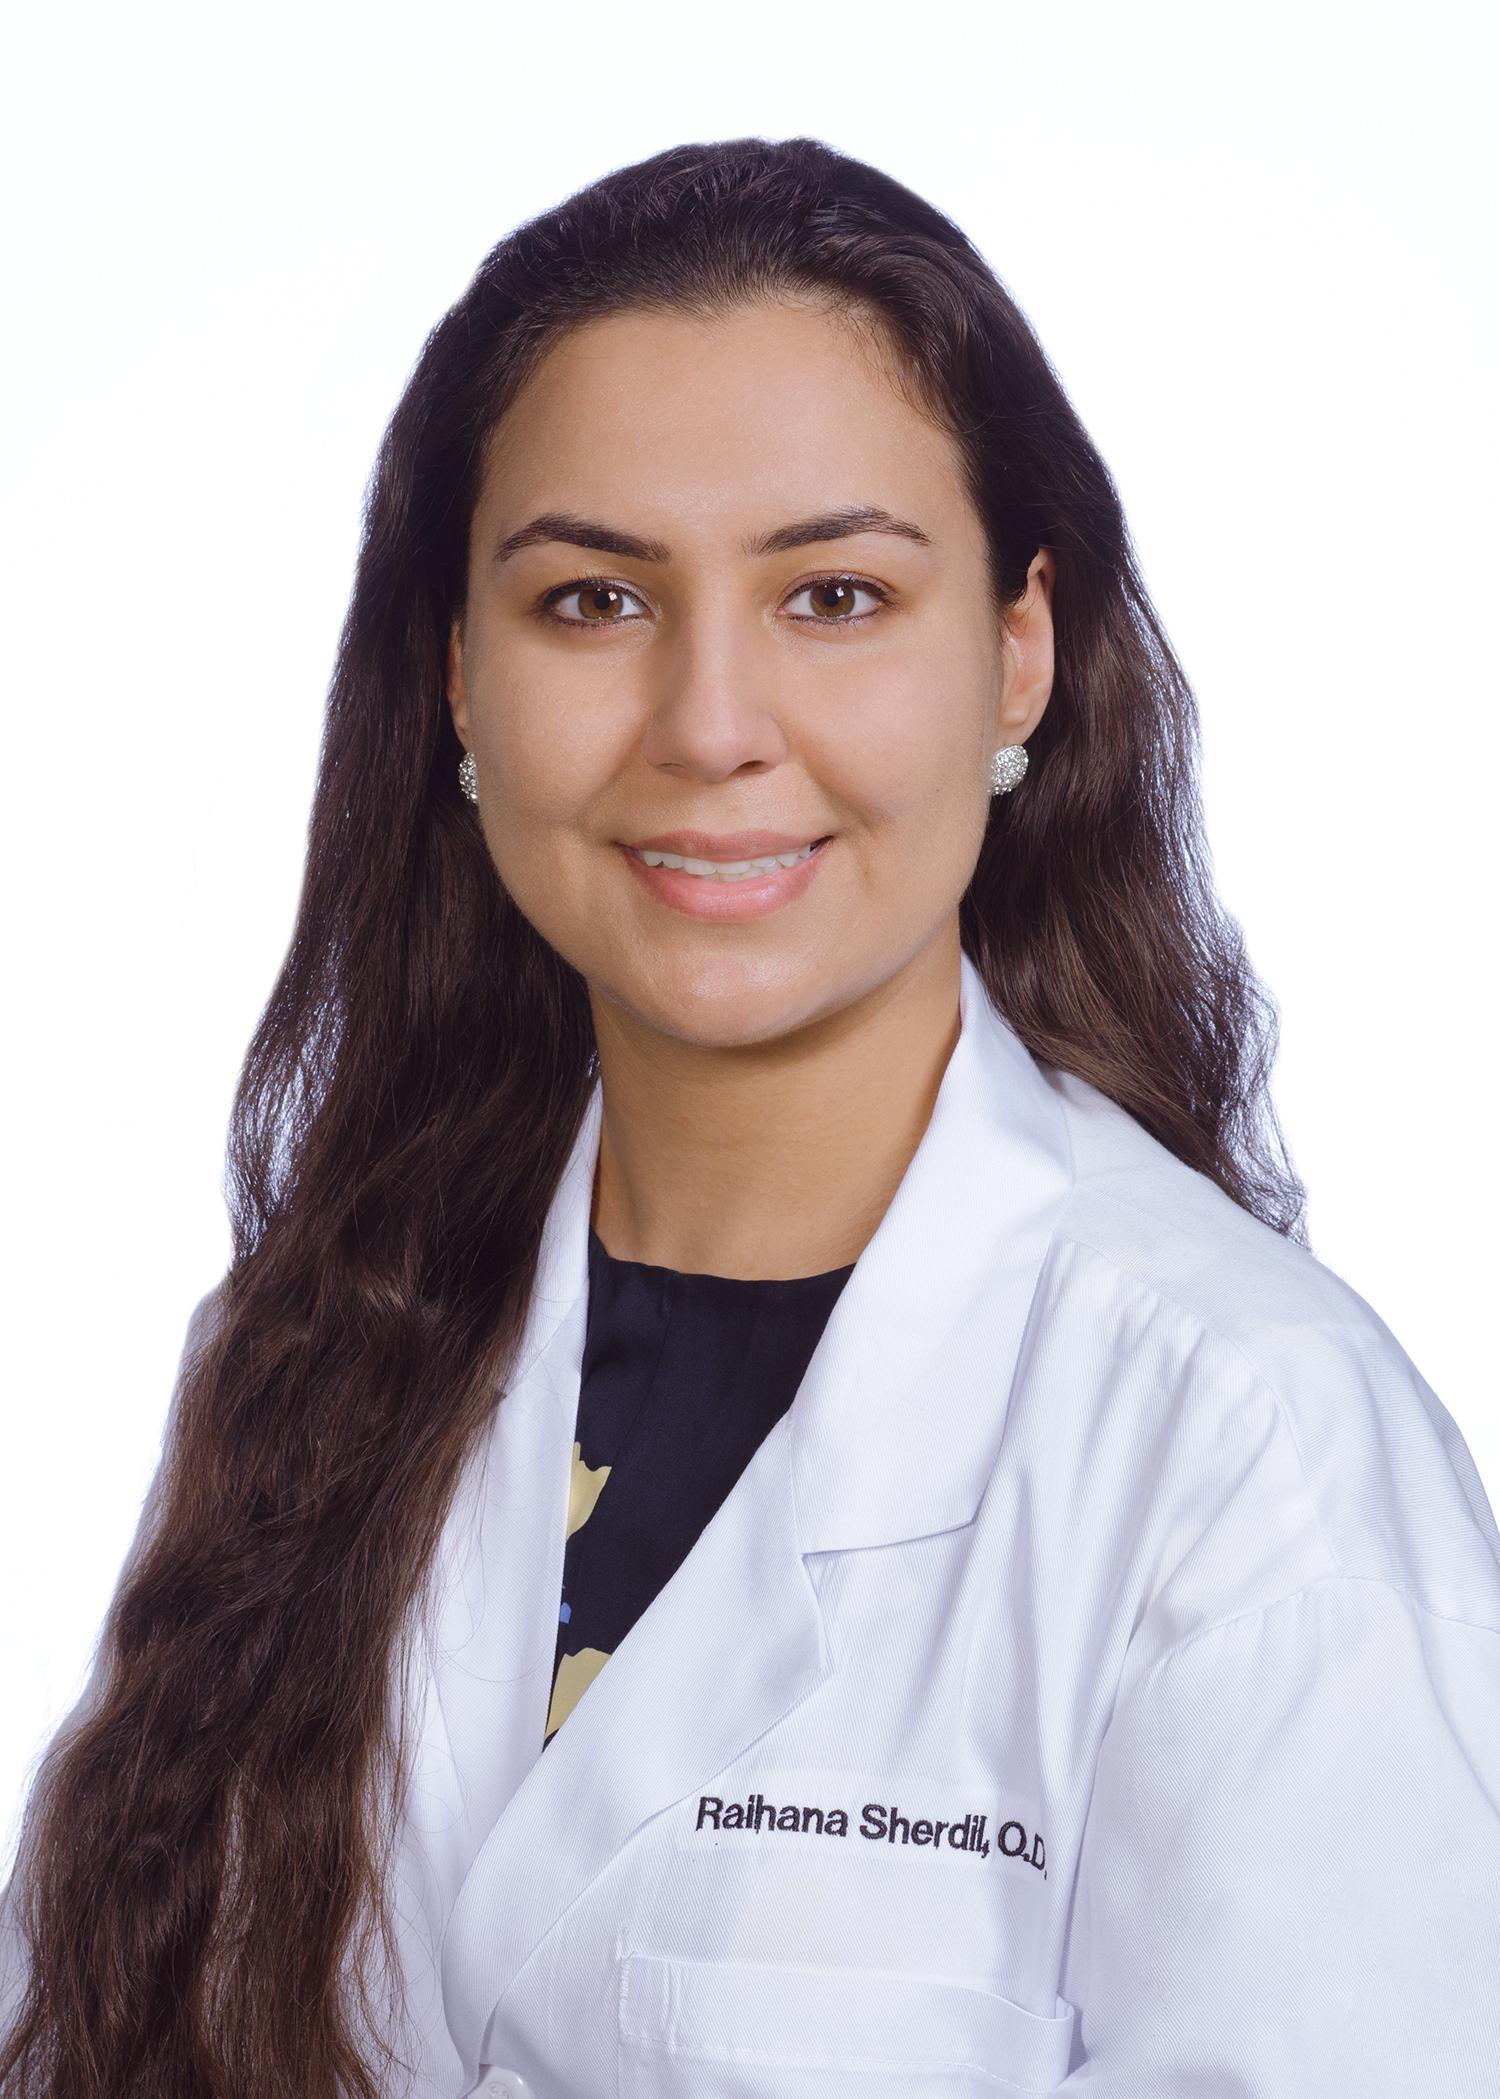 Raihana Sherdil O.D.